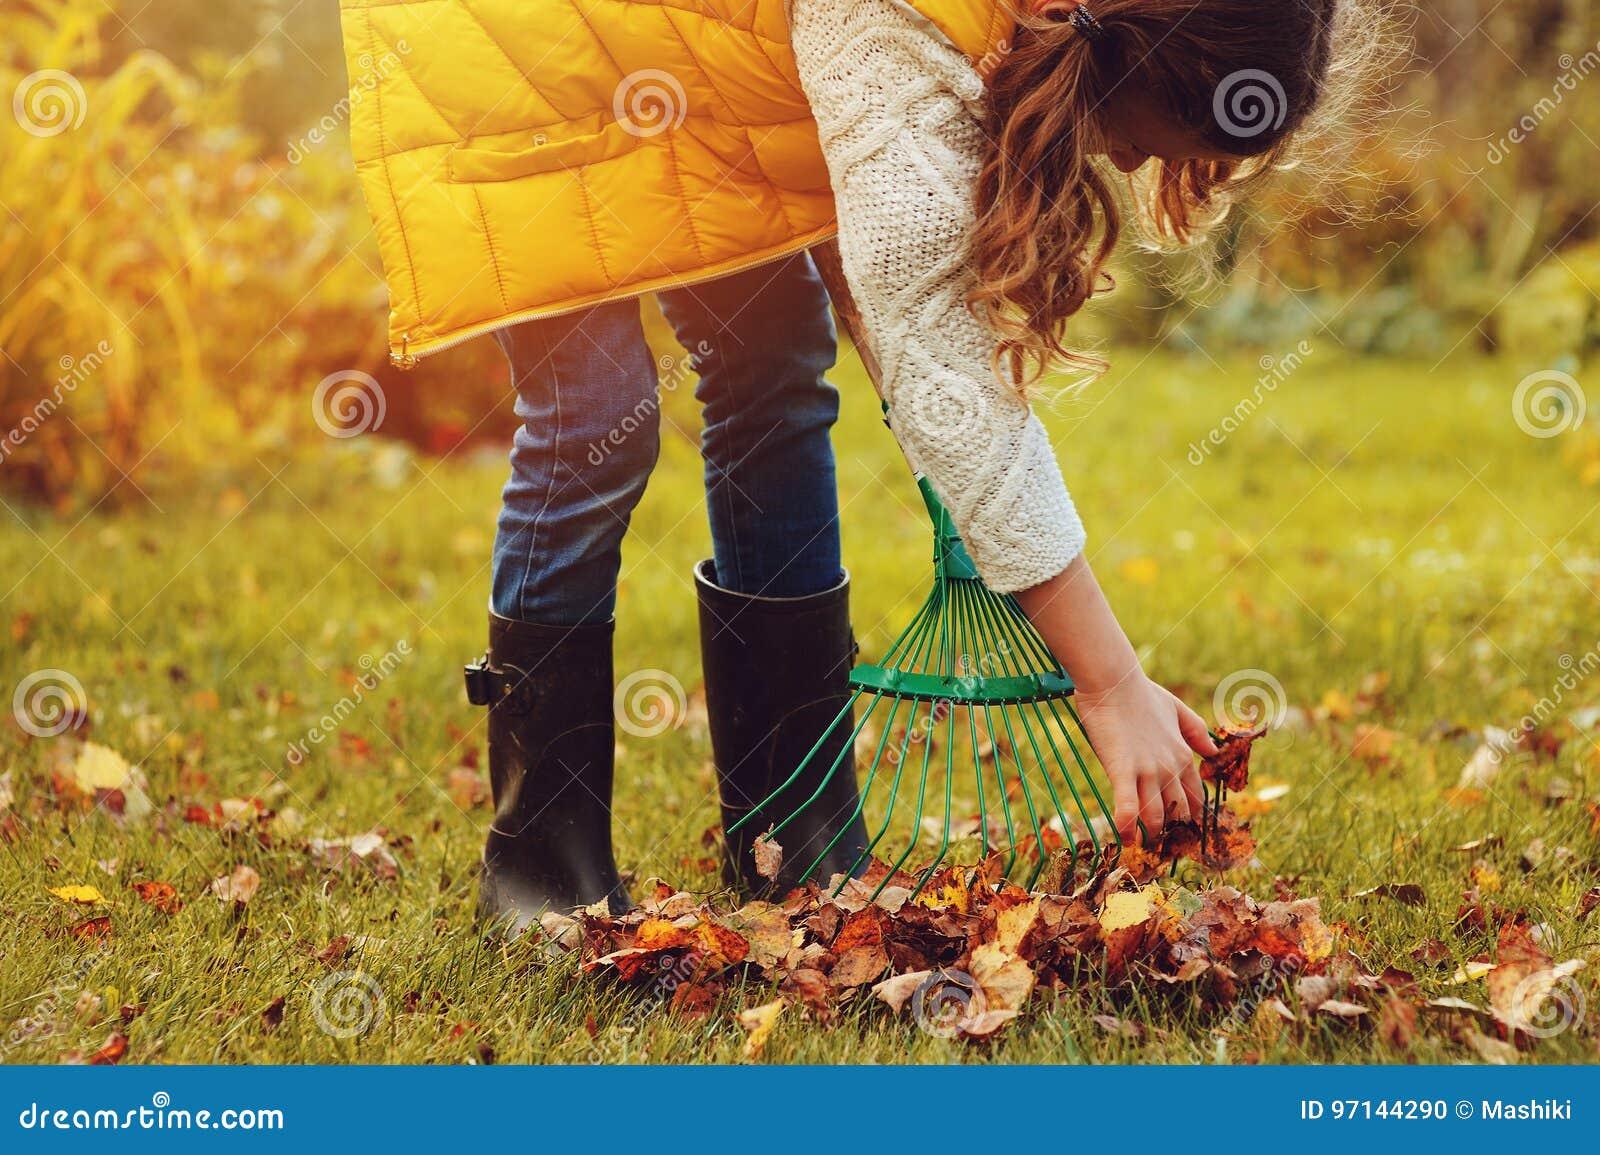 Работа сезонная для девушек высокооплачиваемая работа в симферополе для девушек